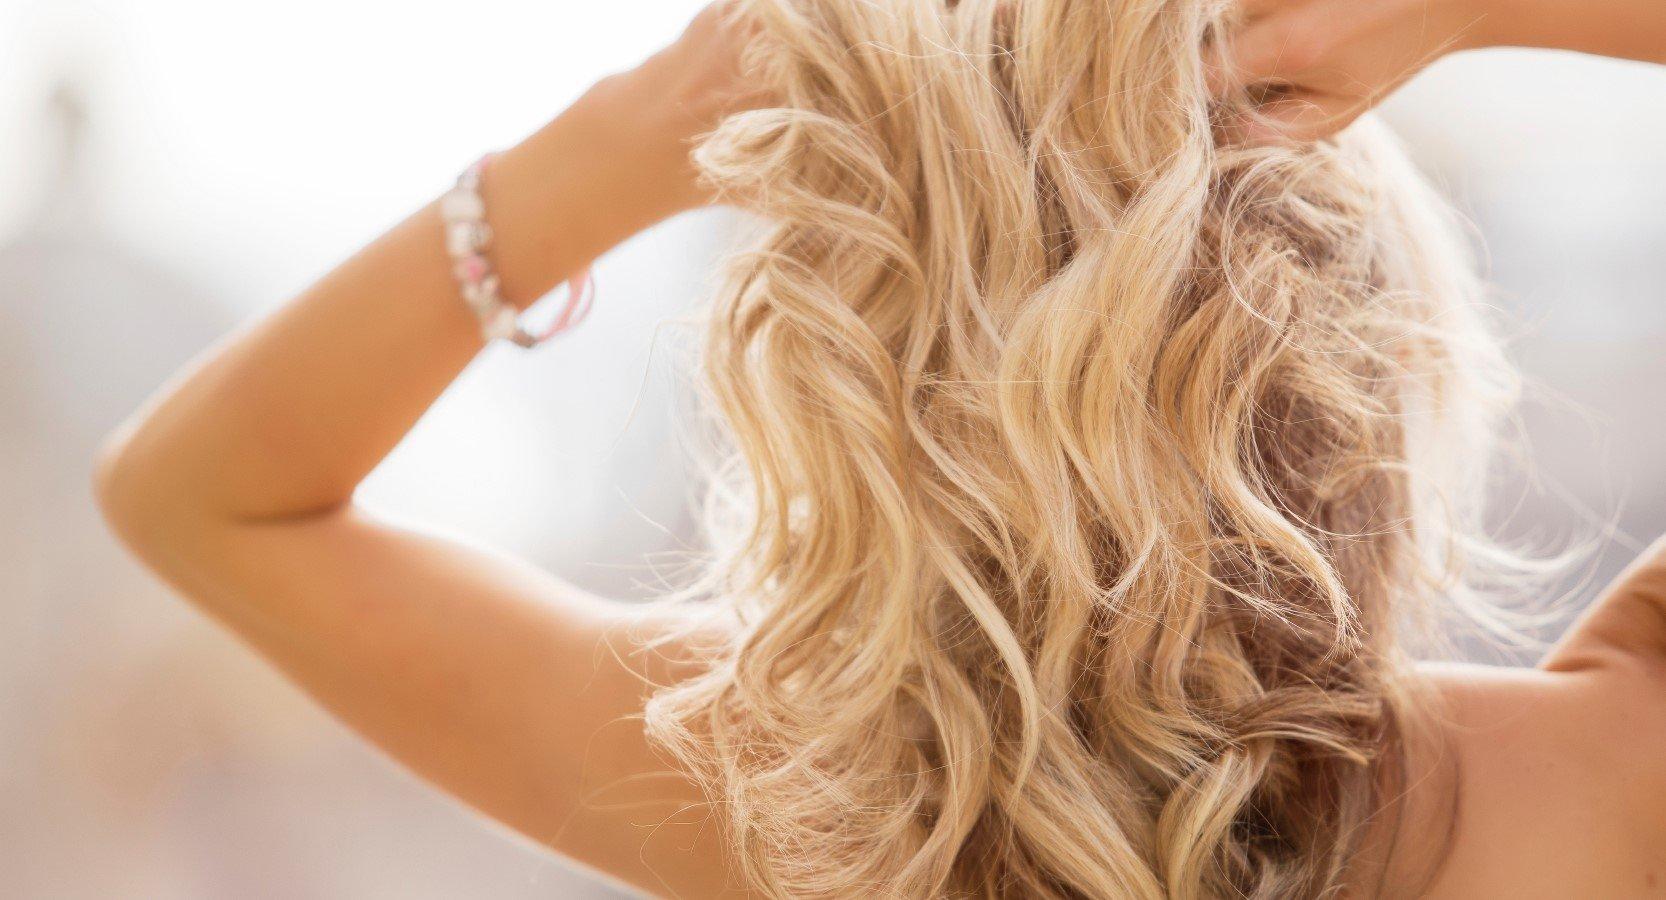 5 советов по уходу за осветлёнными волосами